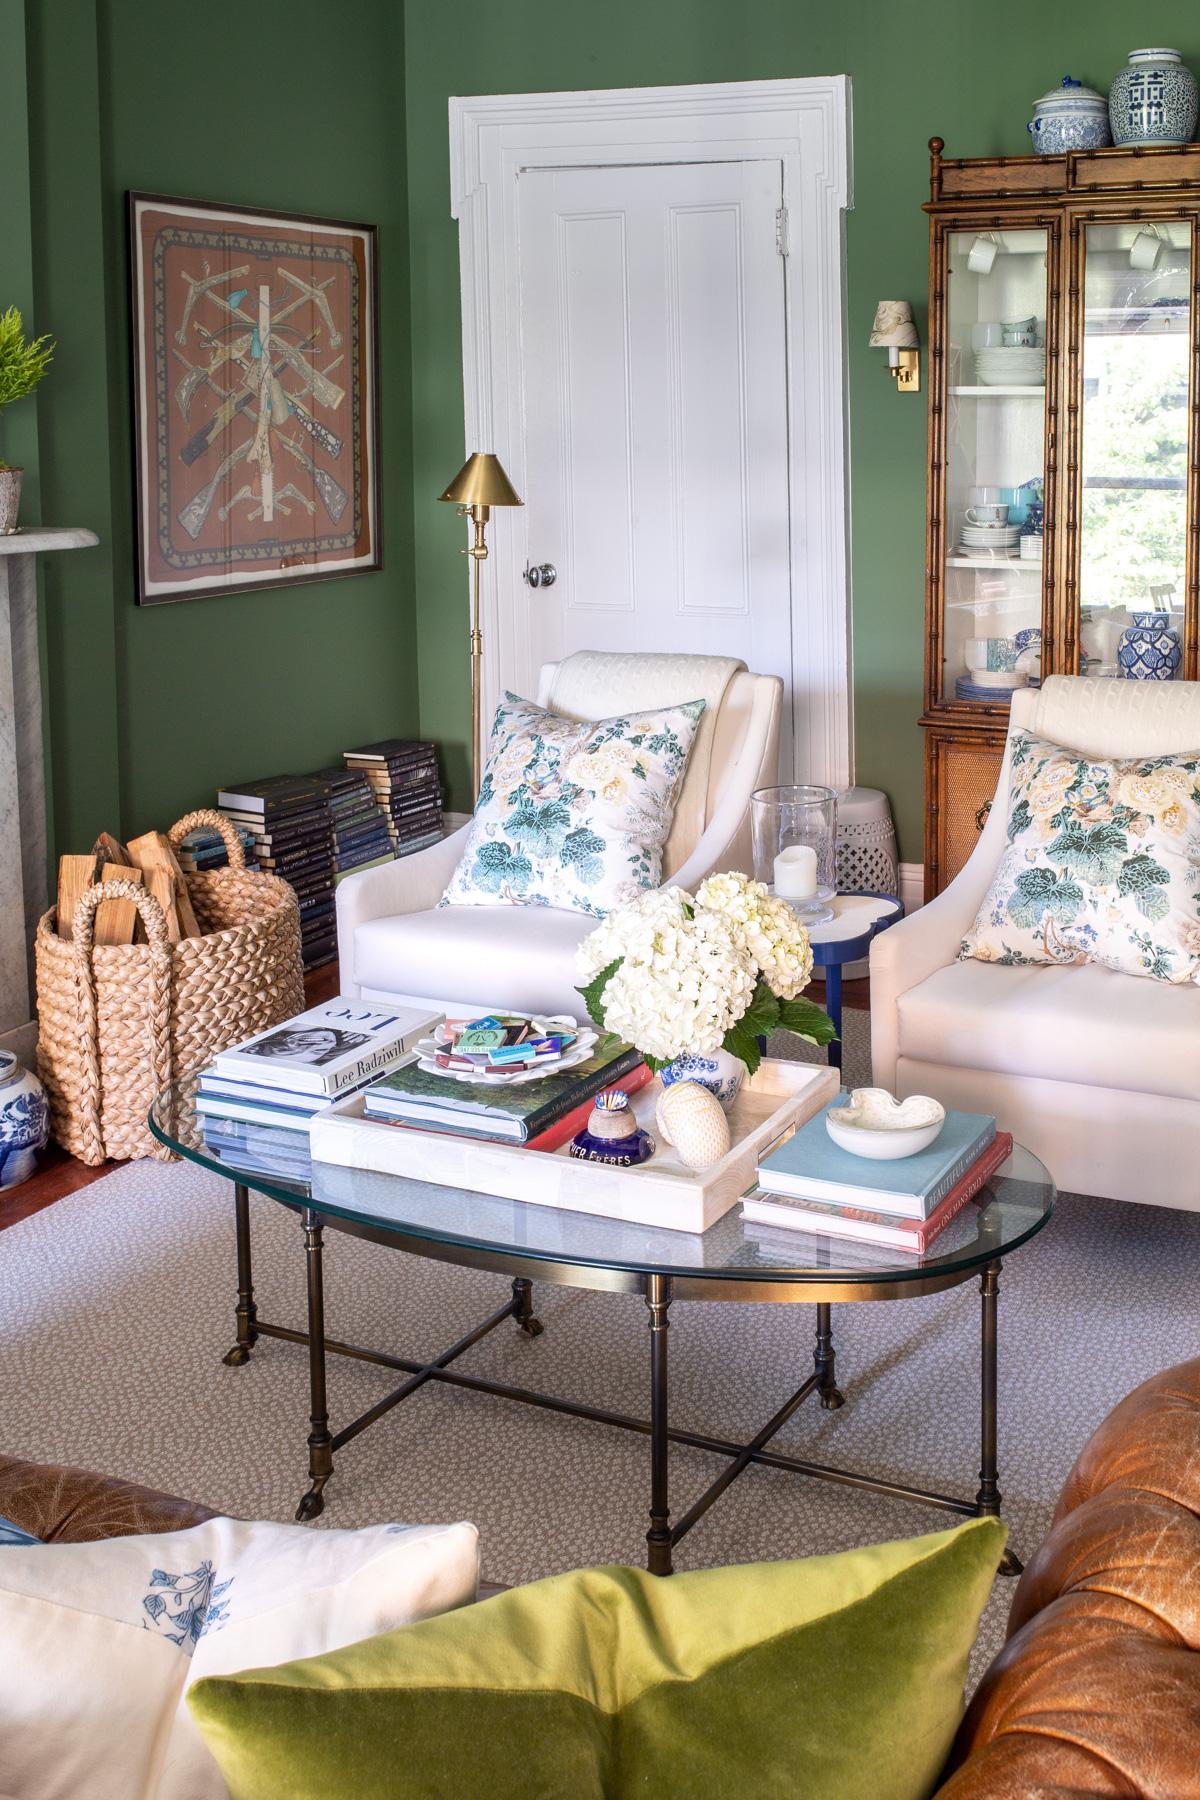 Stacie Flinner x NY Apartment Tour Living Room-15.jpg